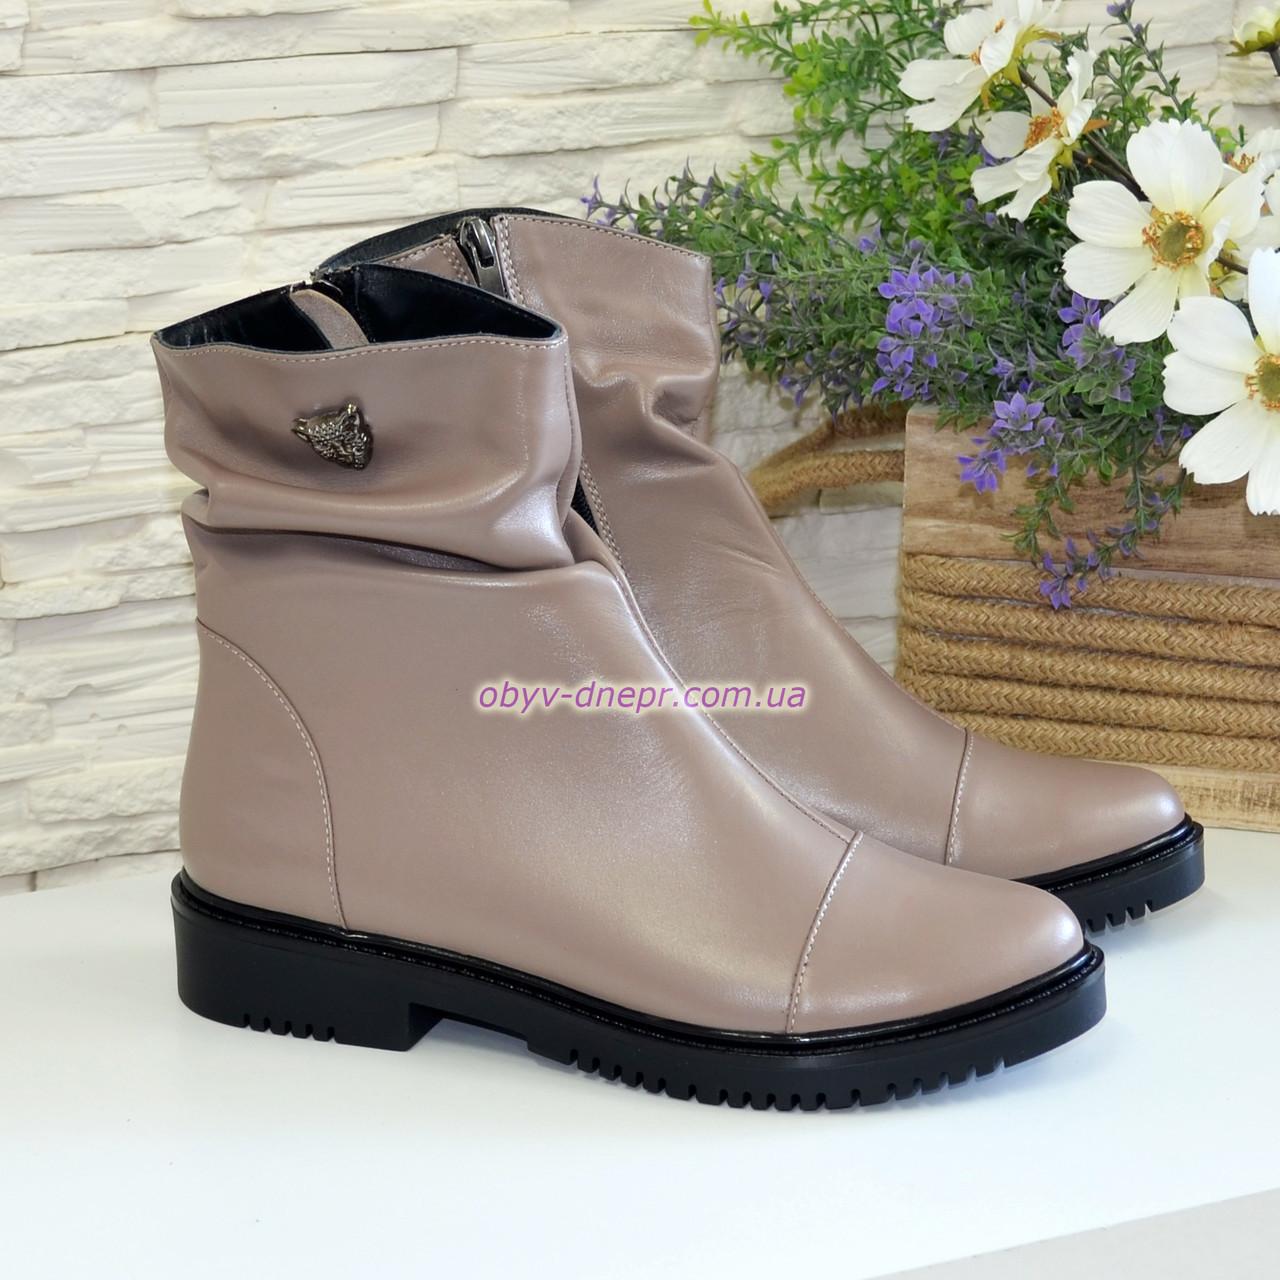 Ботинки женские кожаные демисезонные,цвет визон